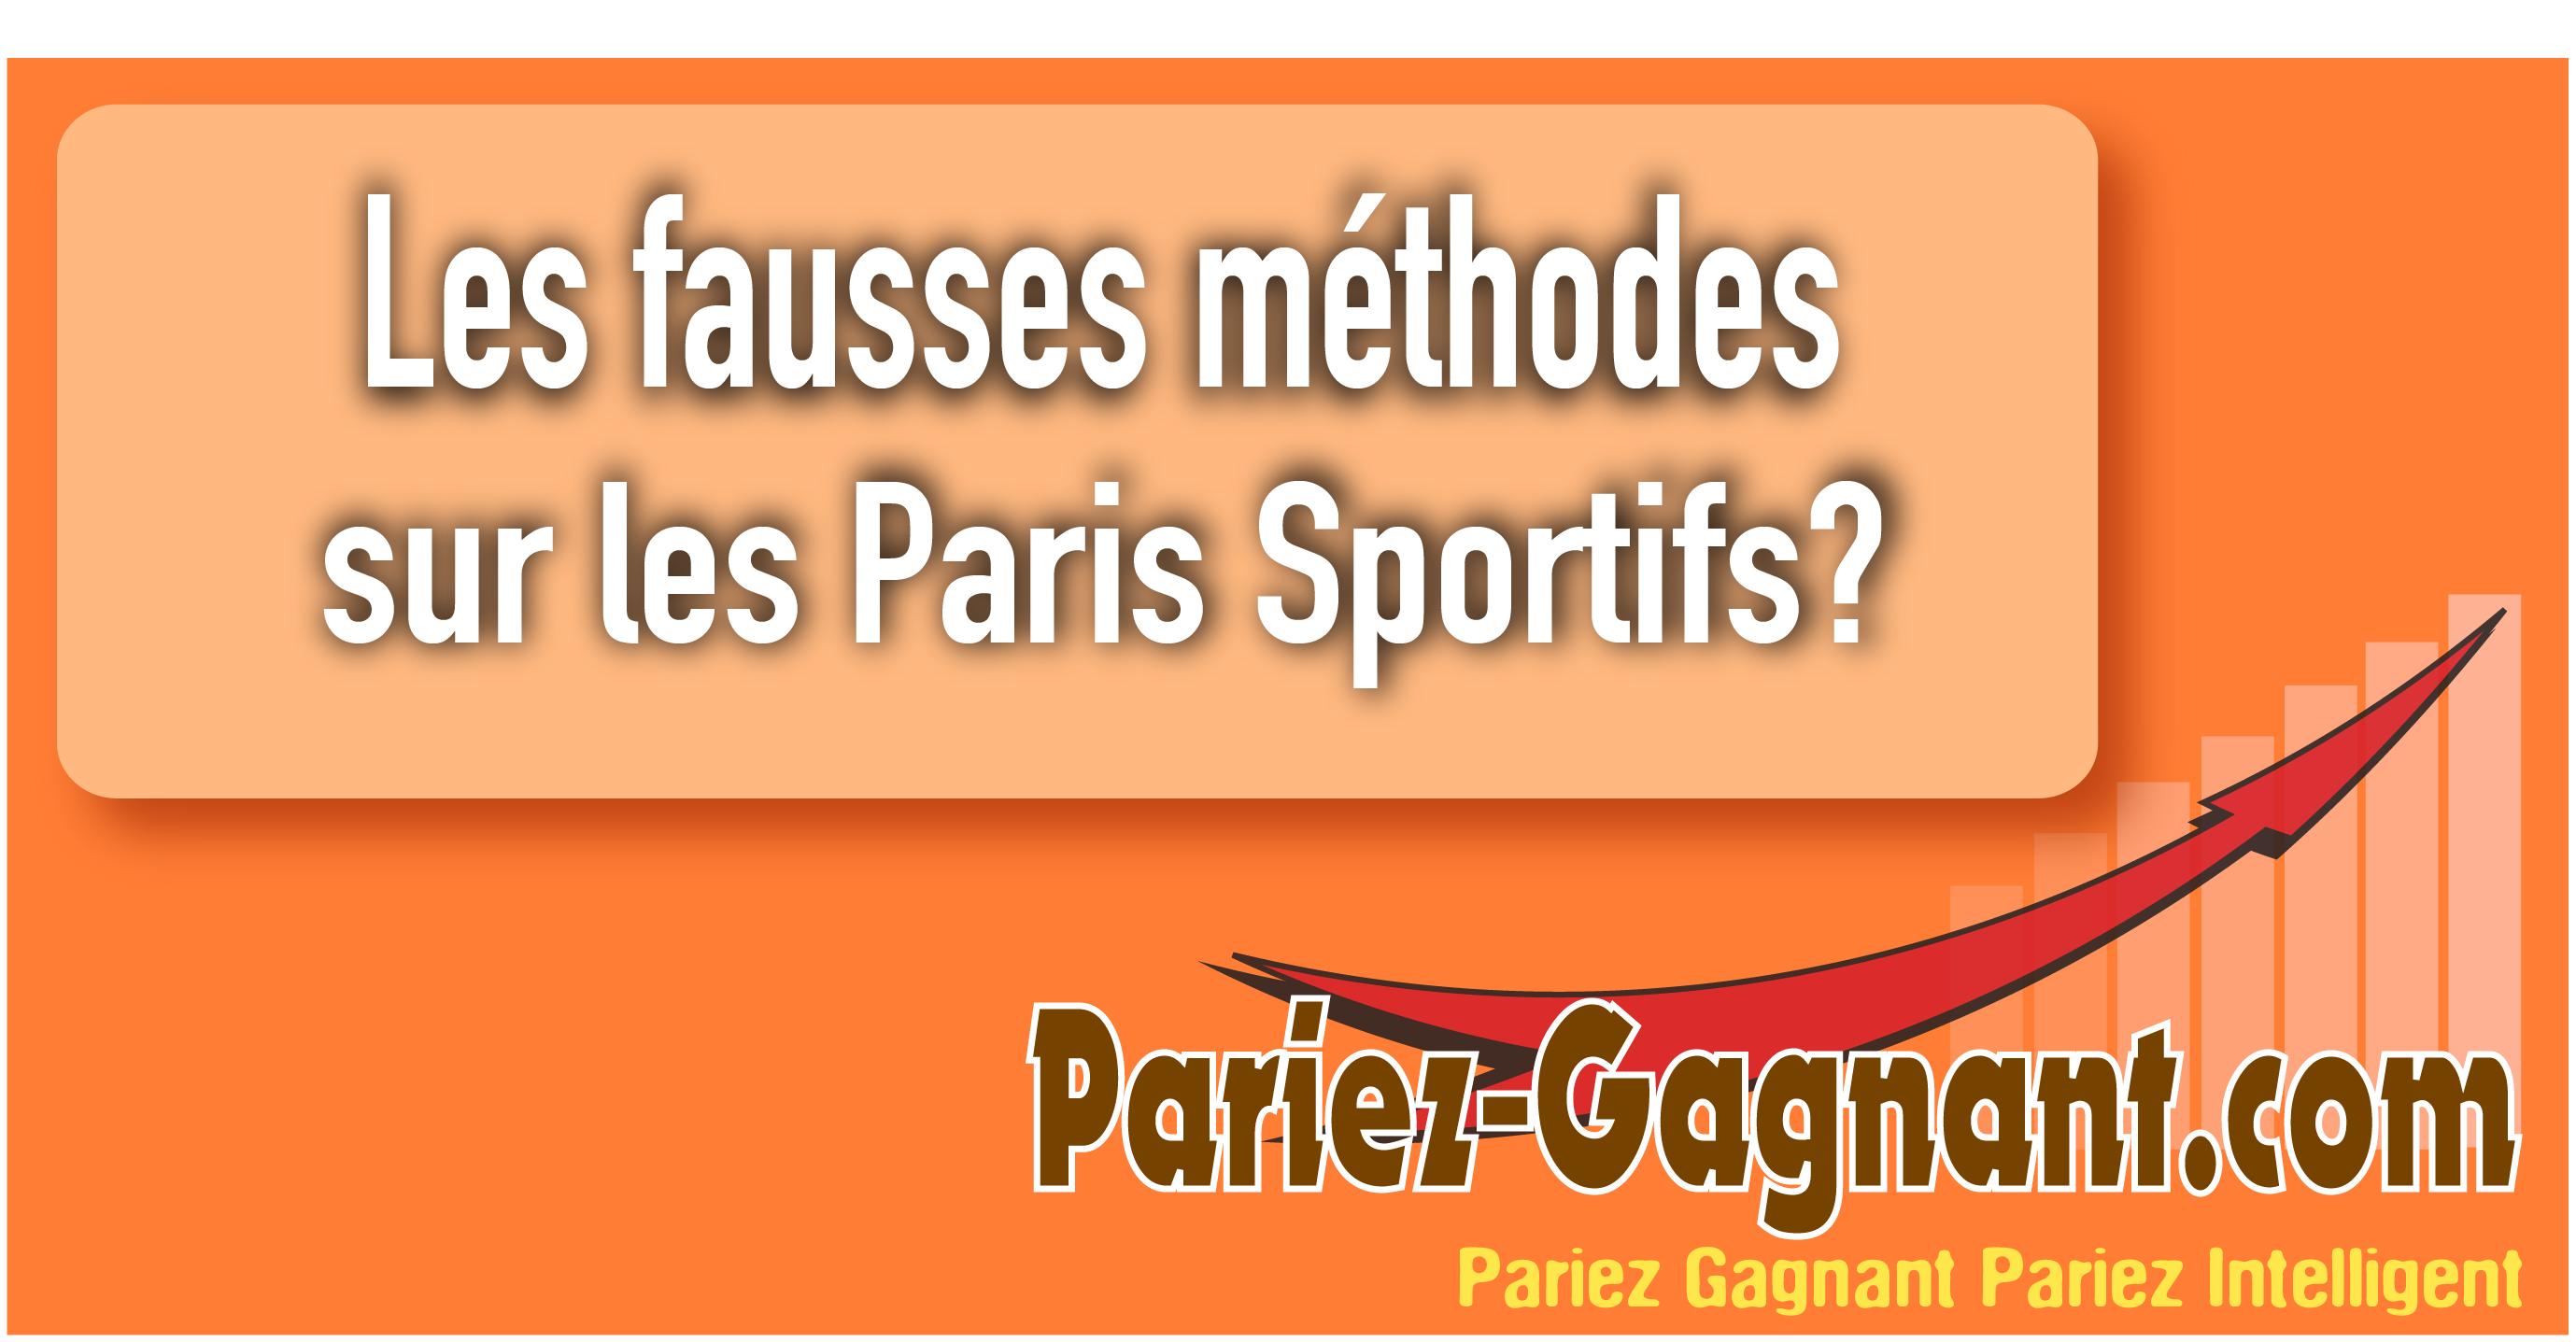 LES PROBABILITES PARIS SPORTIFS